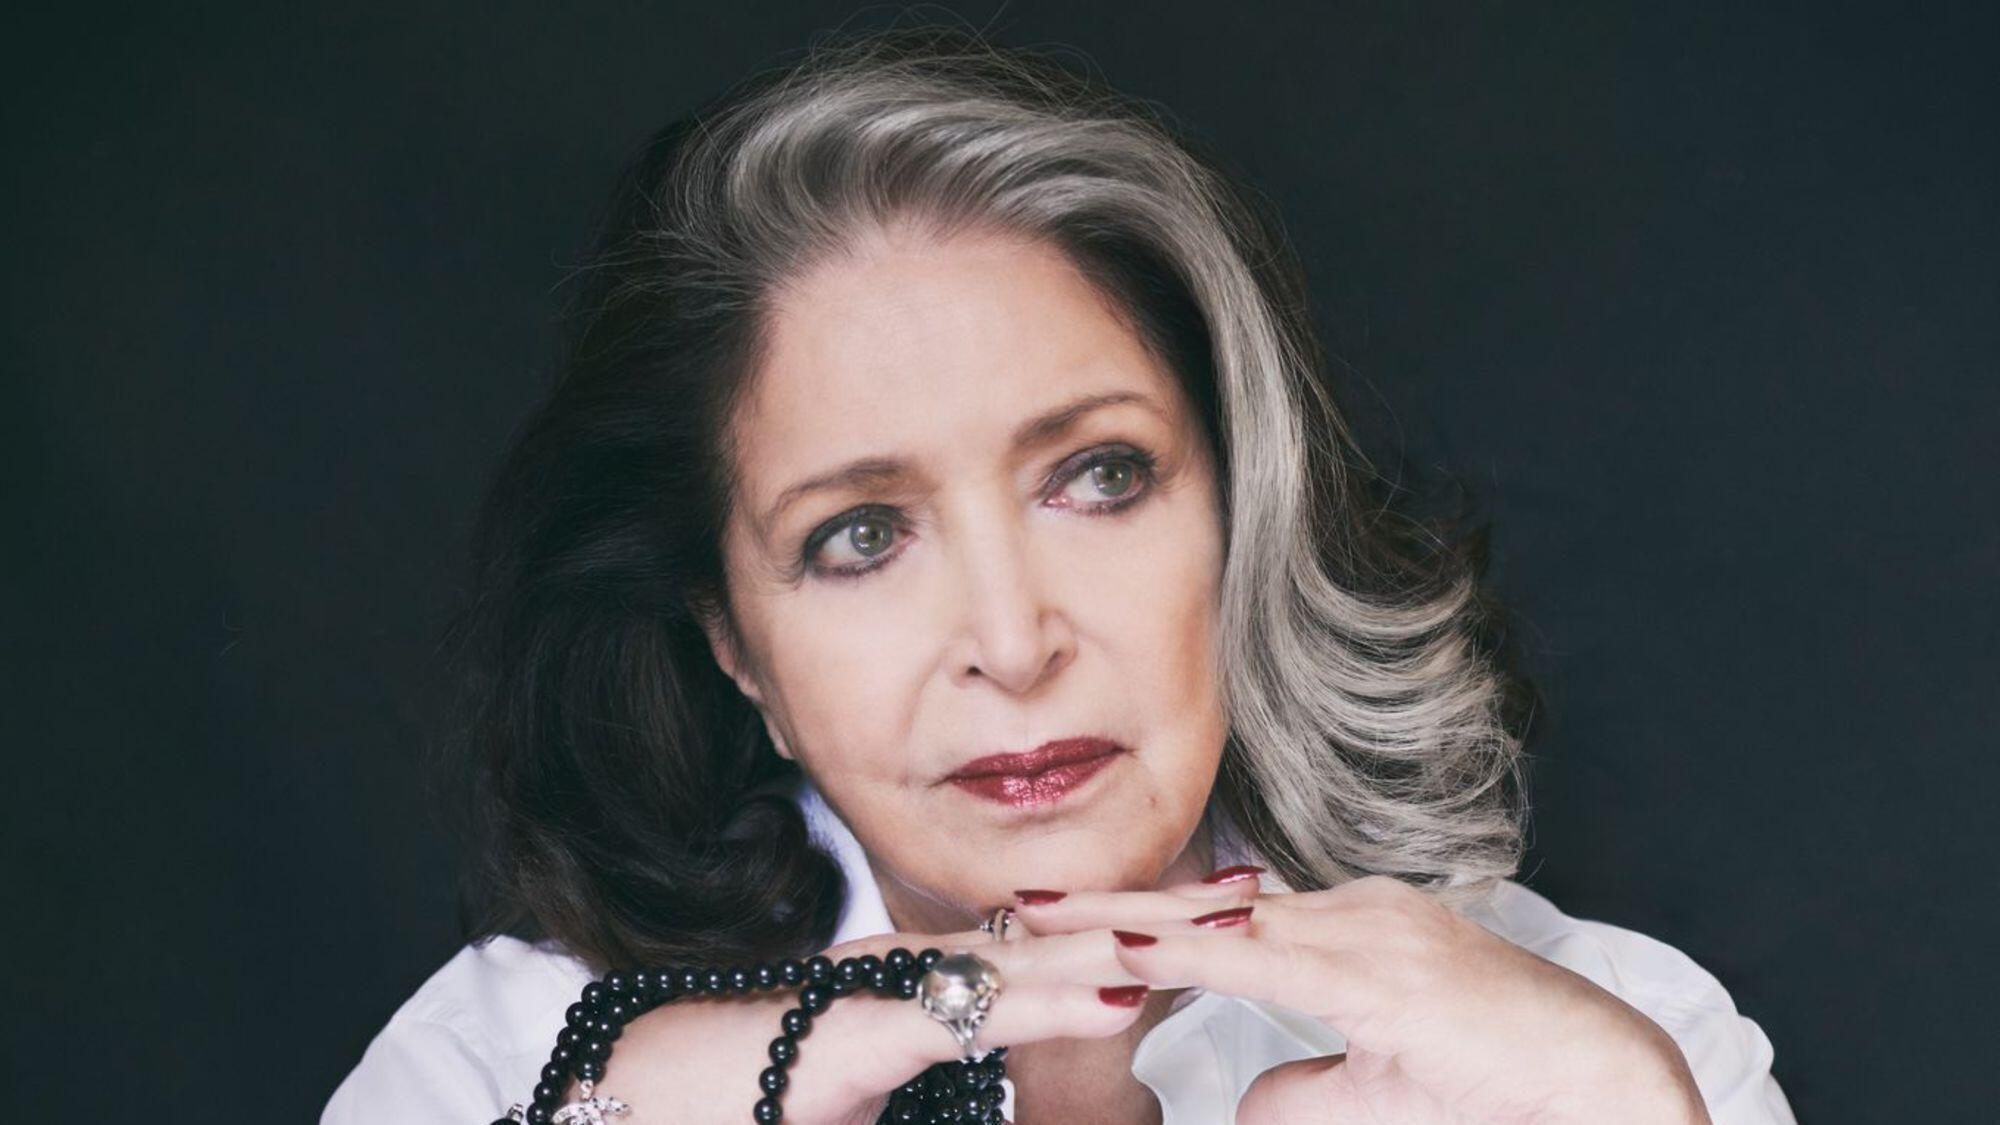 La comédienne Françoise Fabian sort un album réalisé par Alex Beaupain.